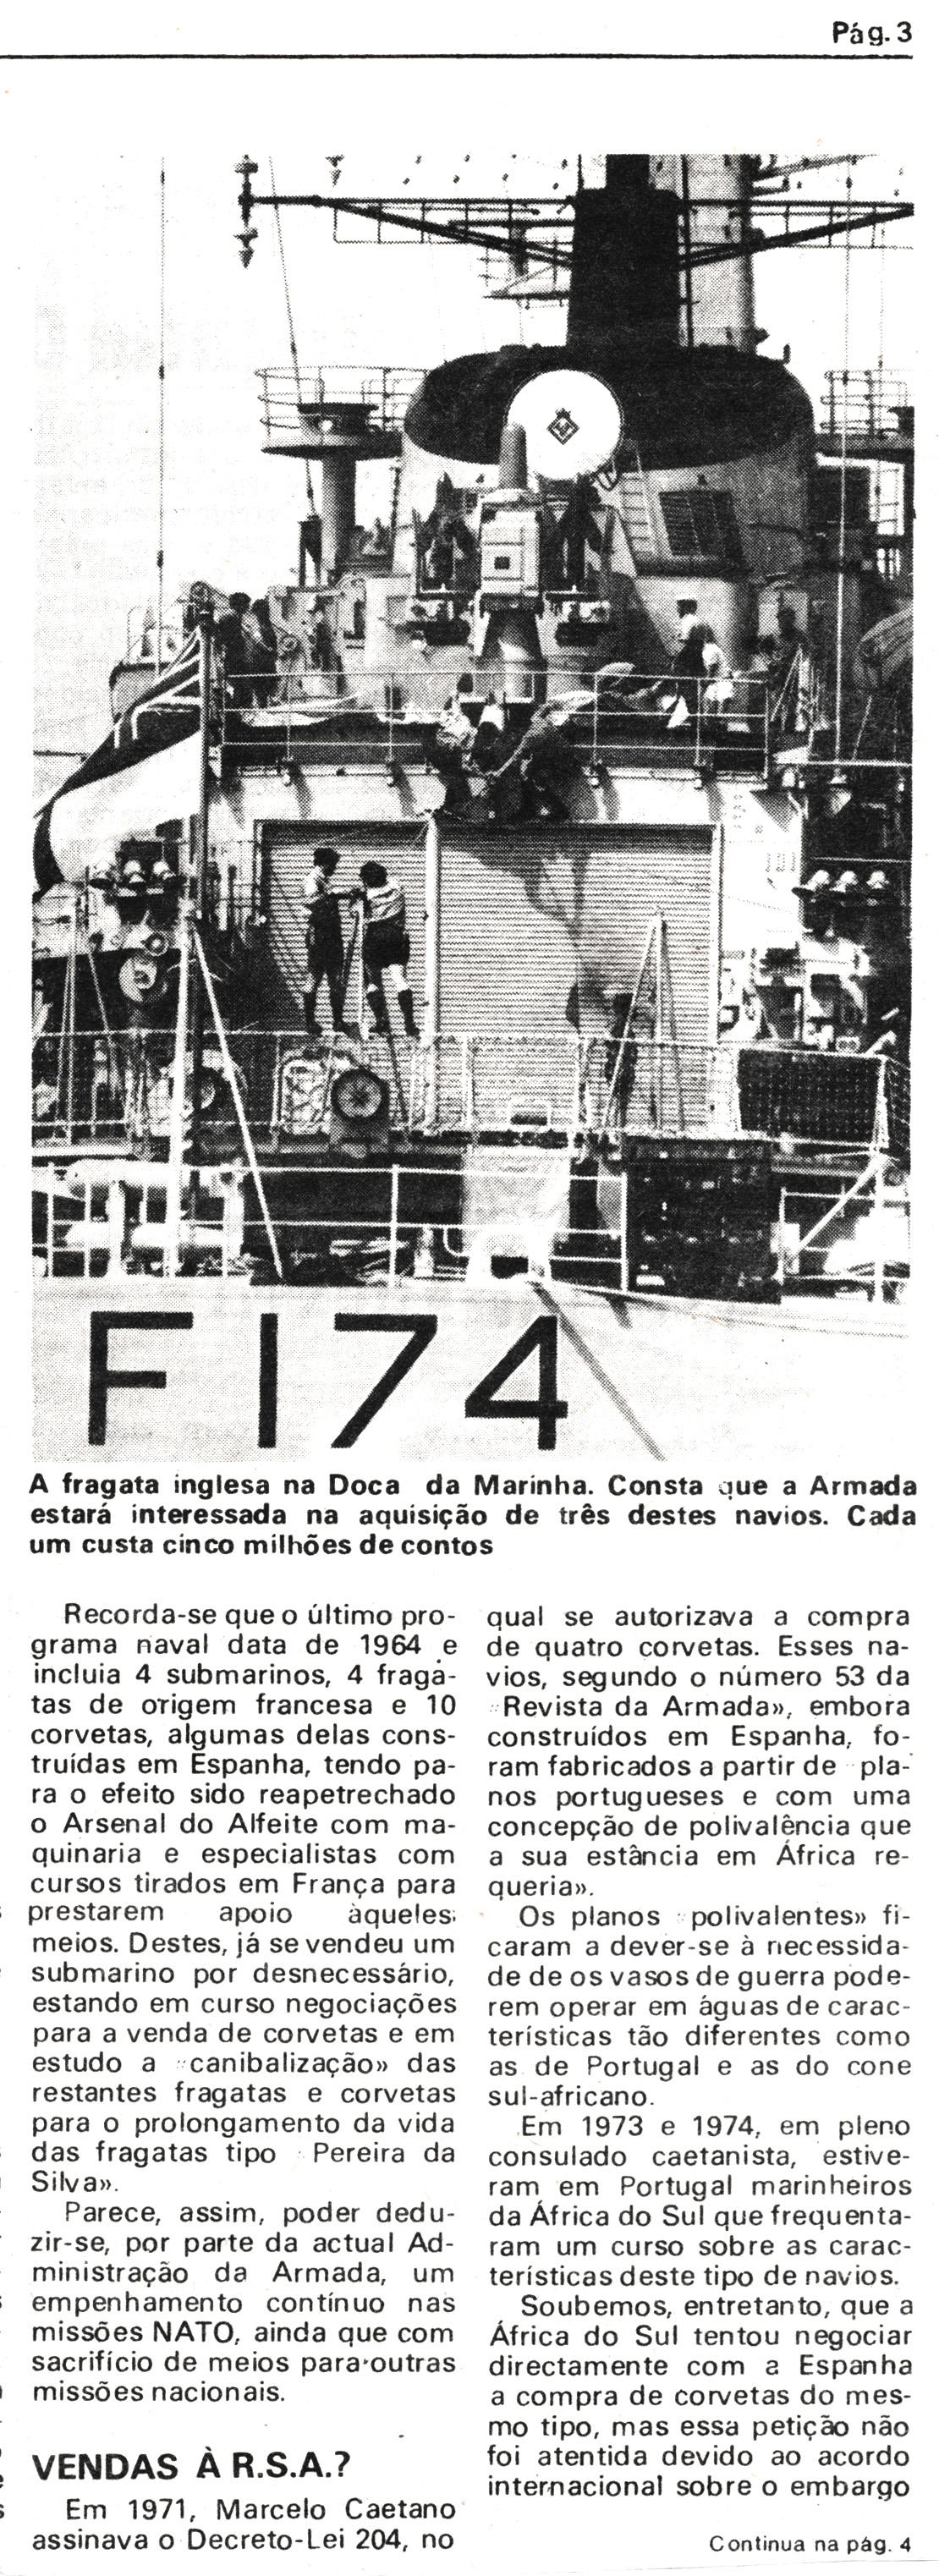 00833 977-07-16 Notícia do Diário de Lisboa sobre a restruturação dos navios da Armada parte 2 de 3